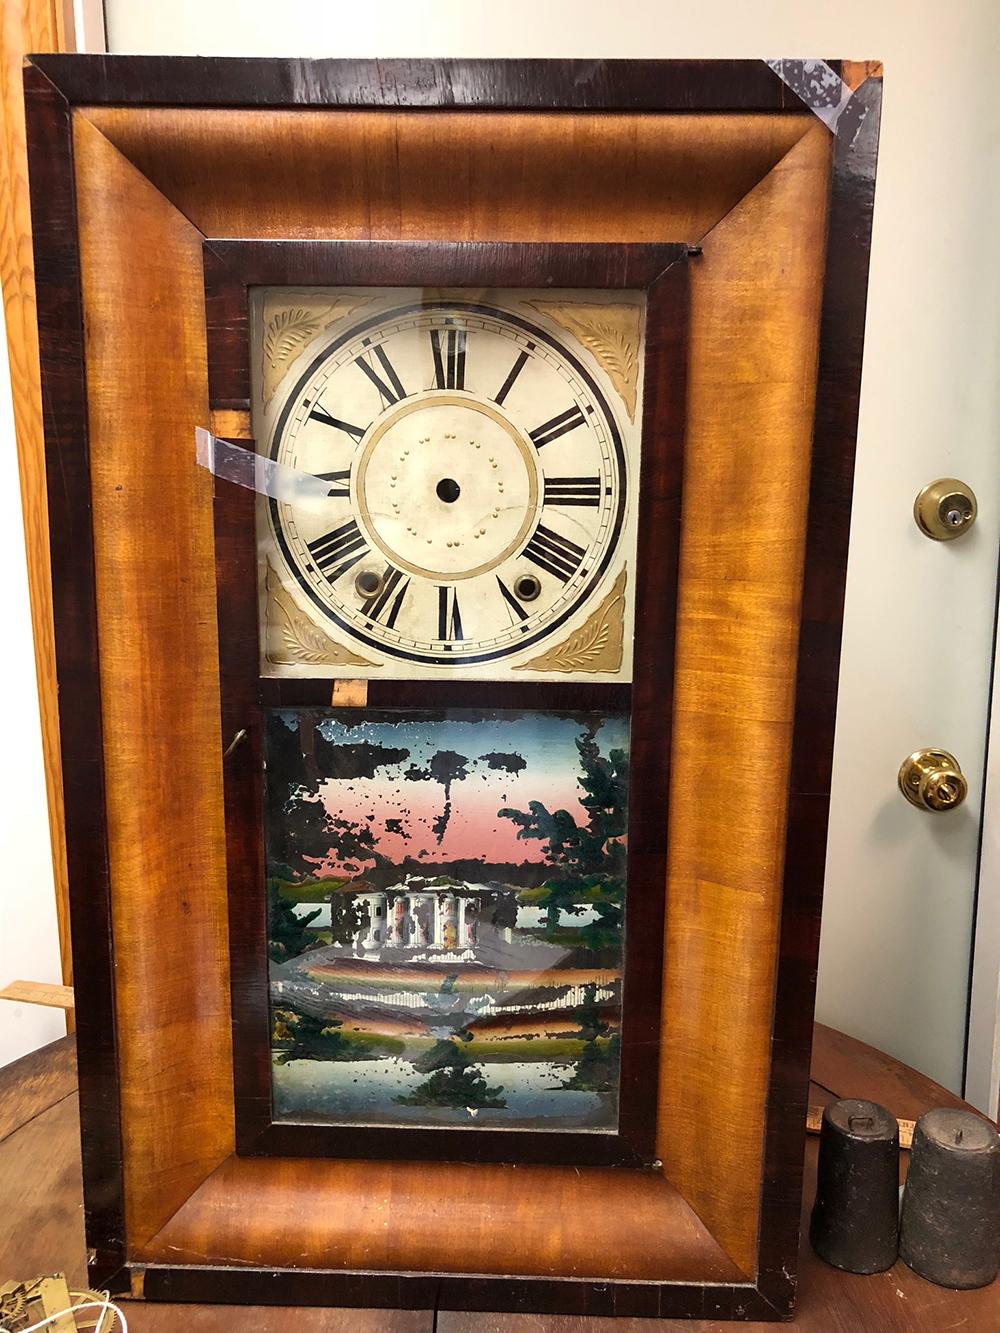 E.C. Brewster and Co. OG Shelf Clock